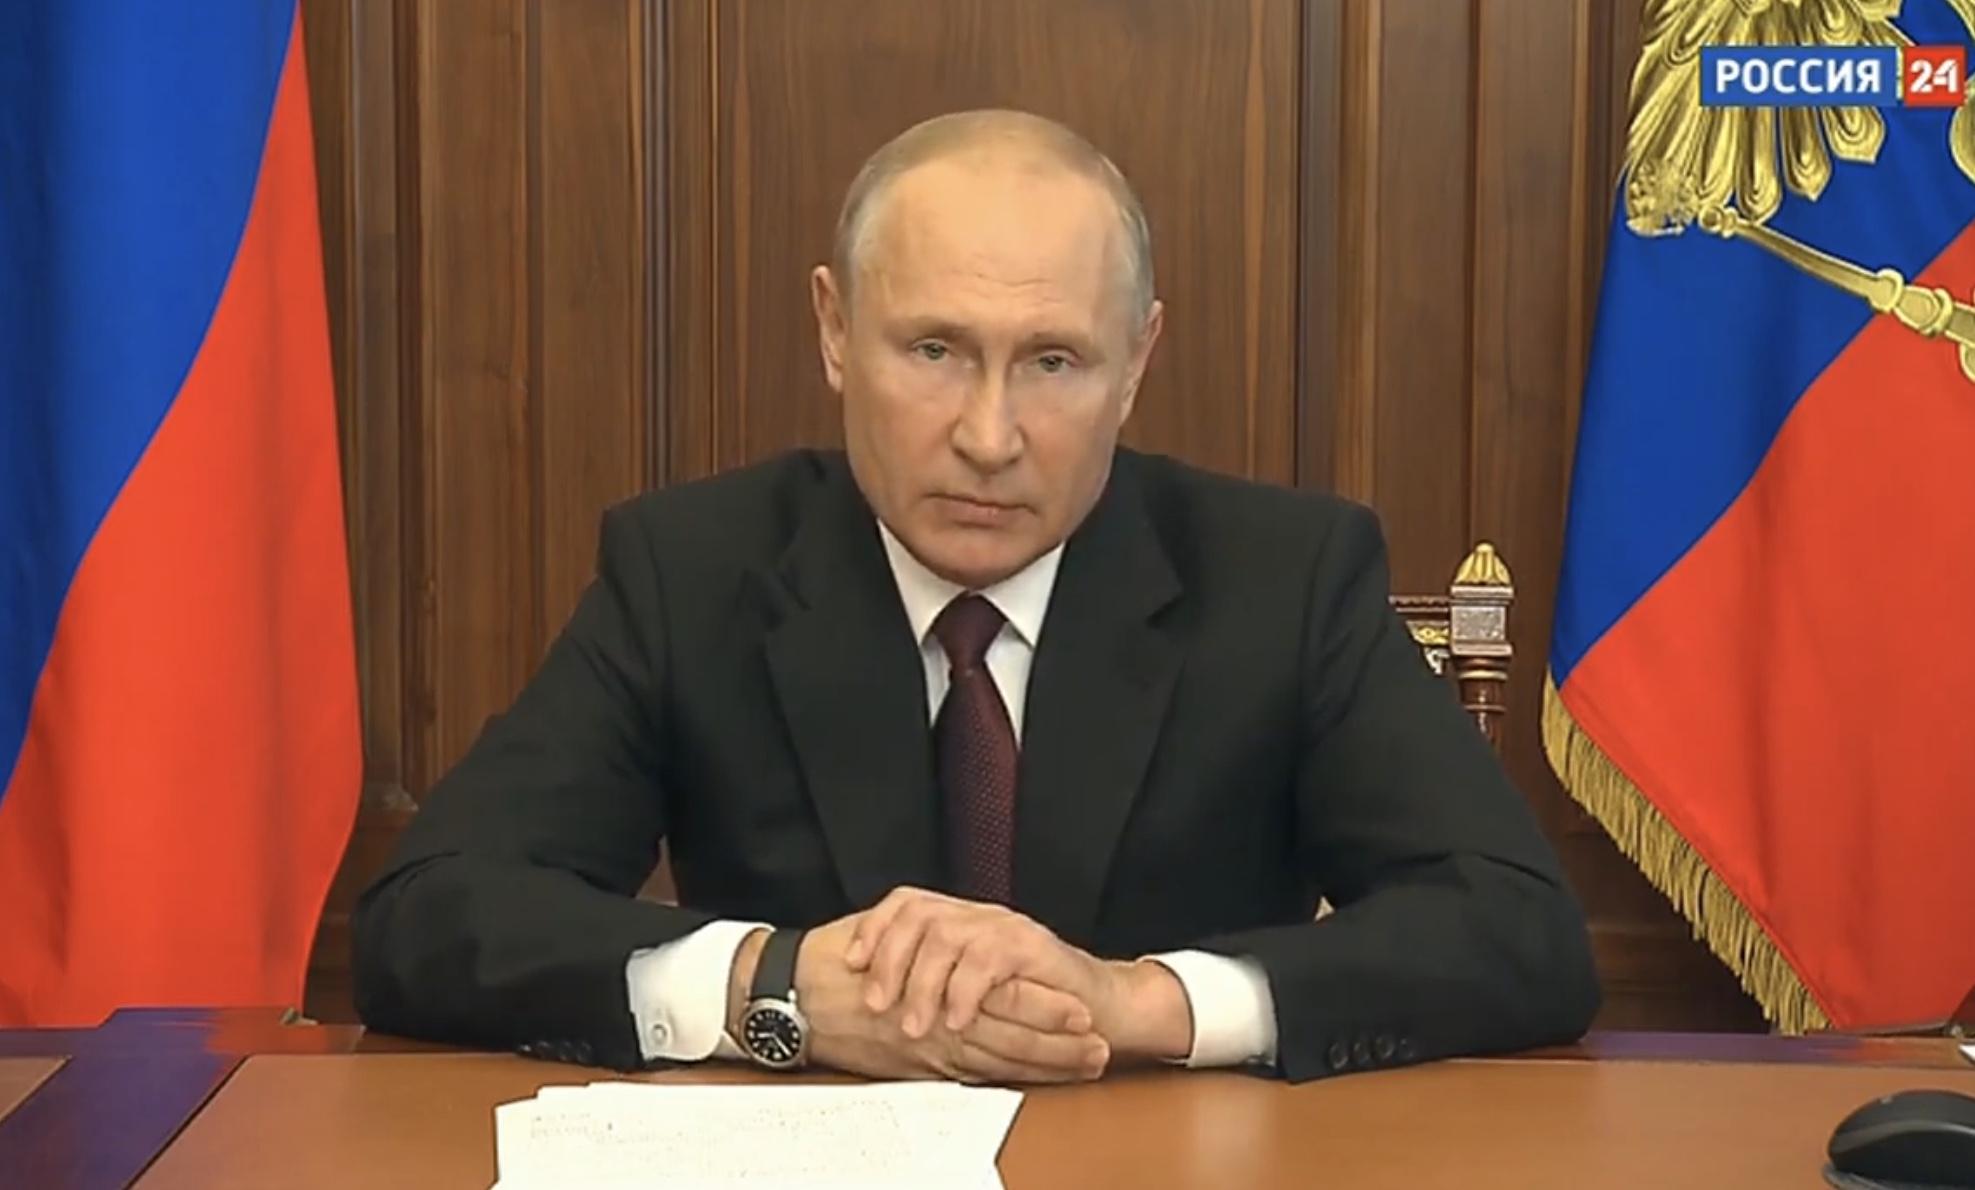 Владимир Путин вновь выступит с телеобращением к гражданам - новости Афанасий